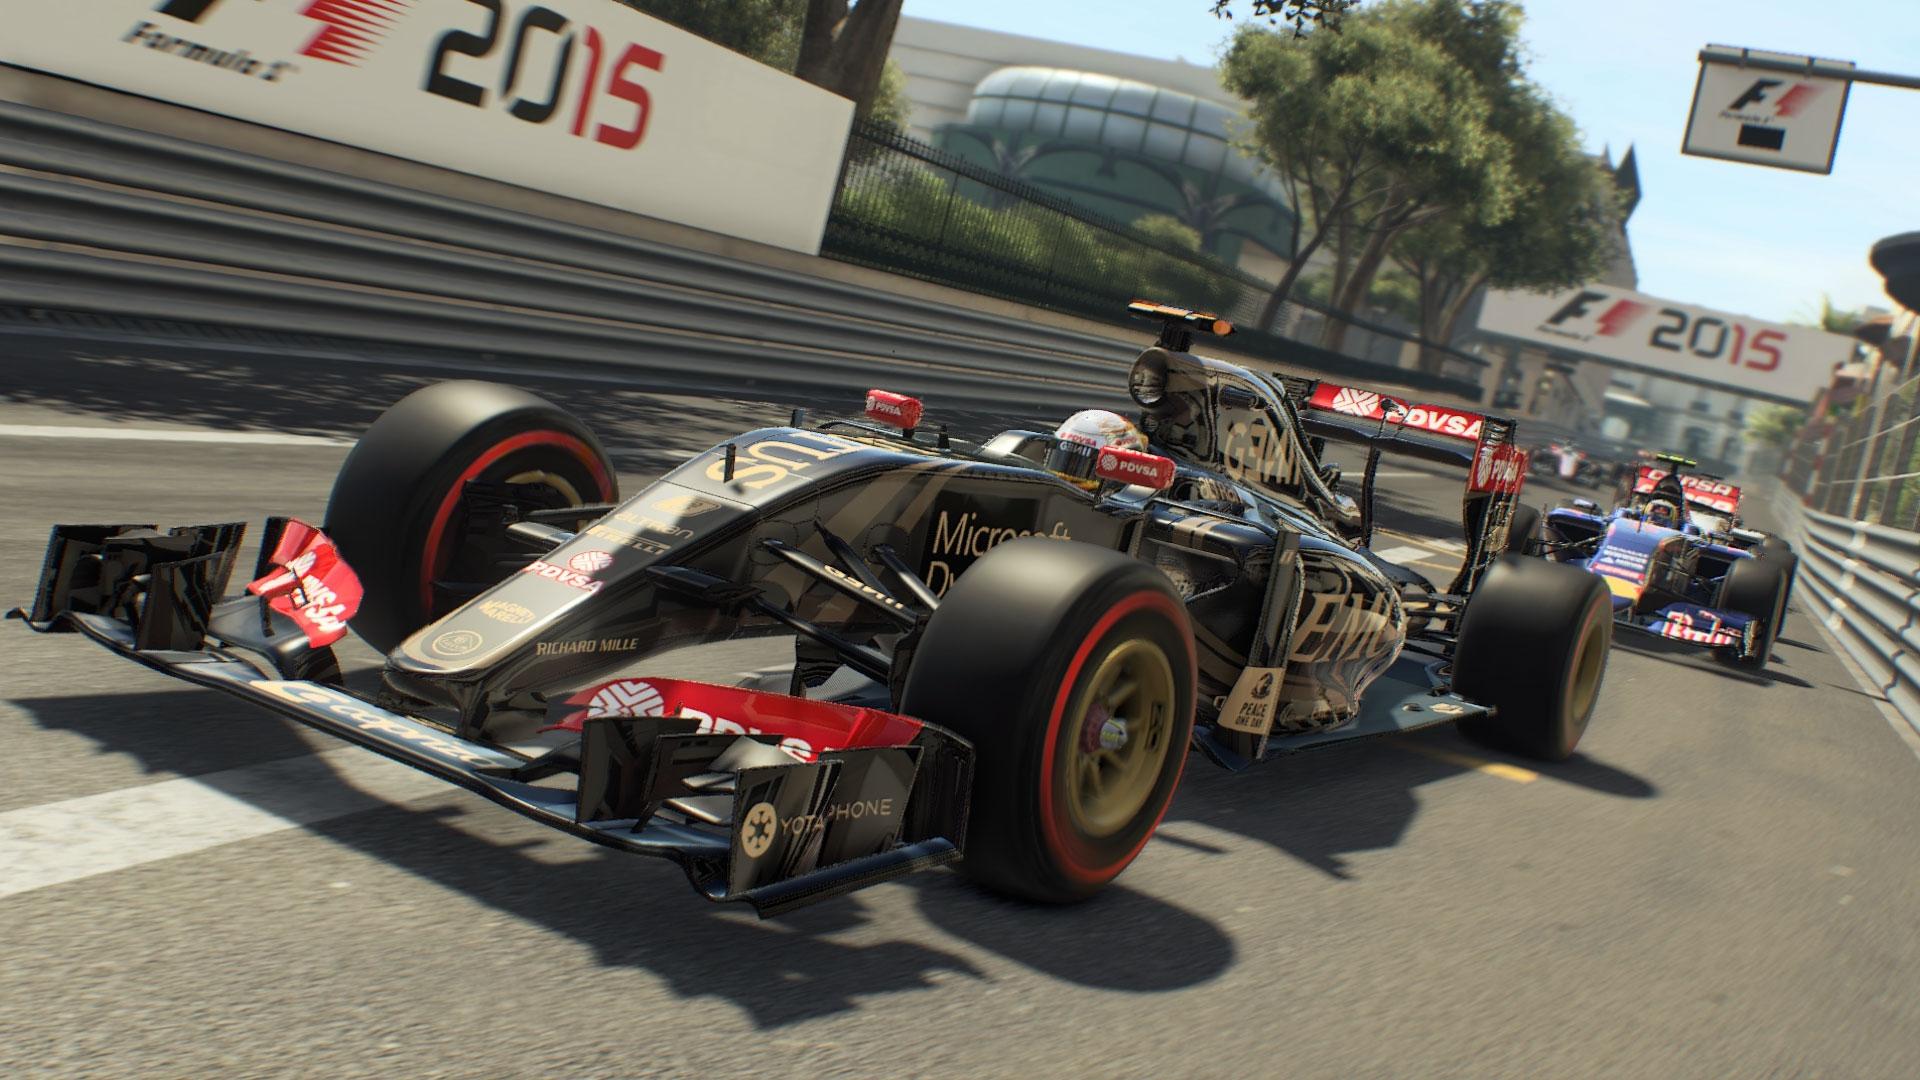 F1_2015_May_02.jpg